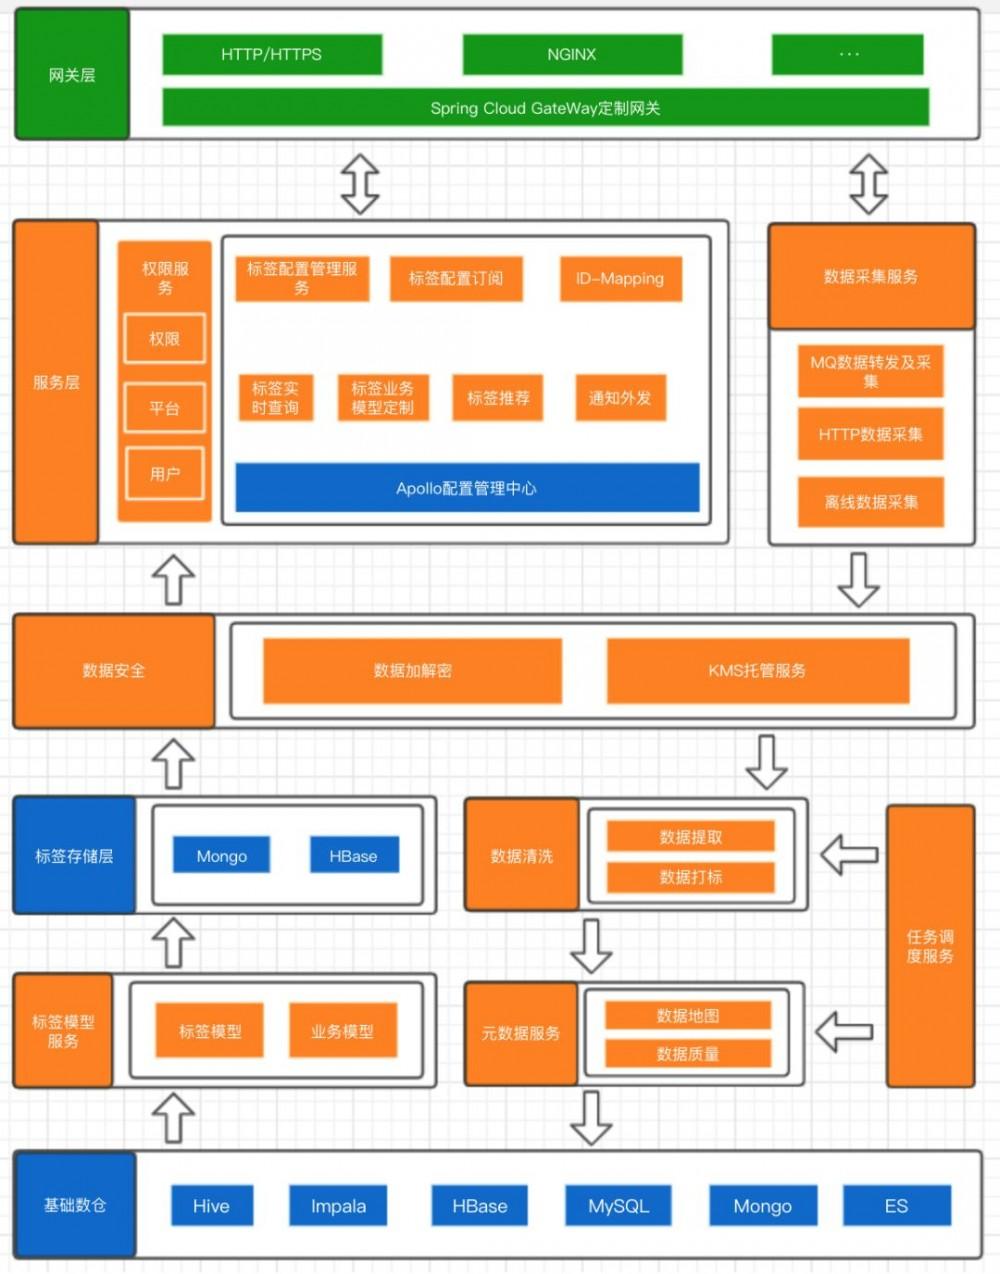 PPT画图软件,强烈推荐!提升能力的利器。